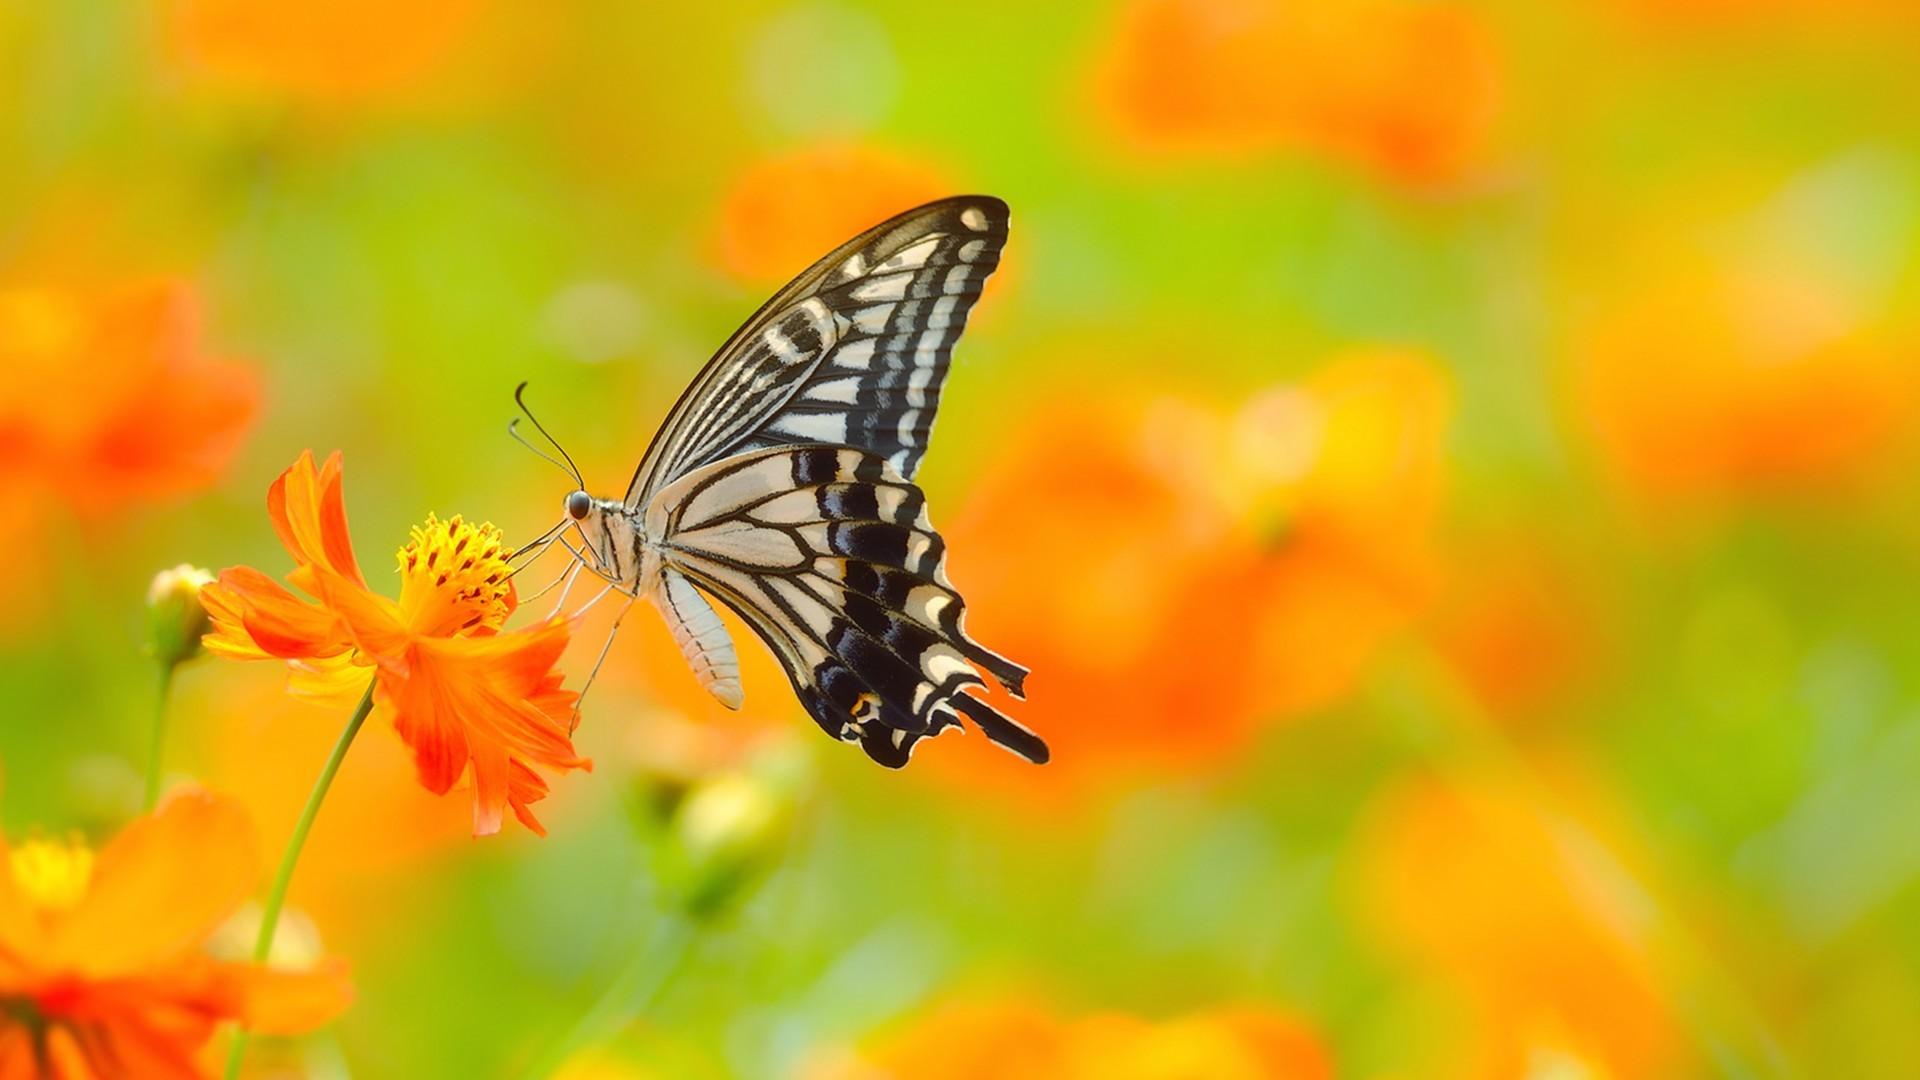 Ultra HD Wallpaper, flower 4K | Butterfly on flower Ultra HD wallpaper |  UHD-